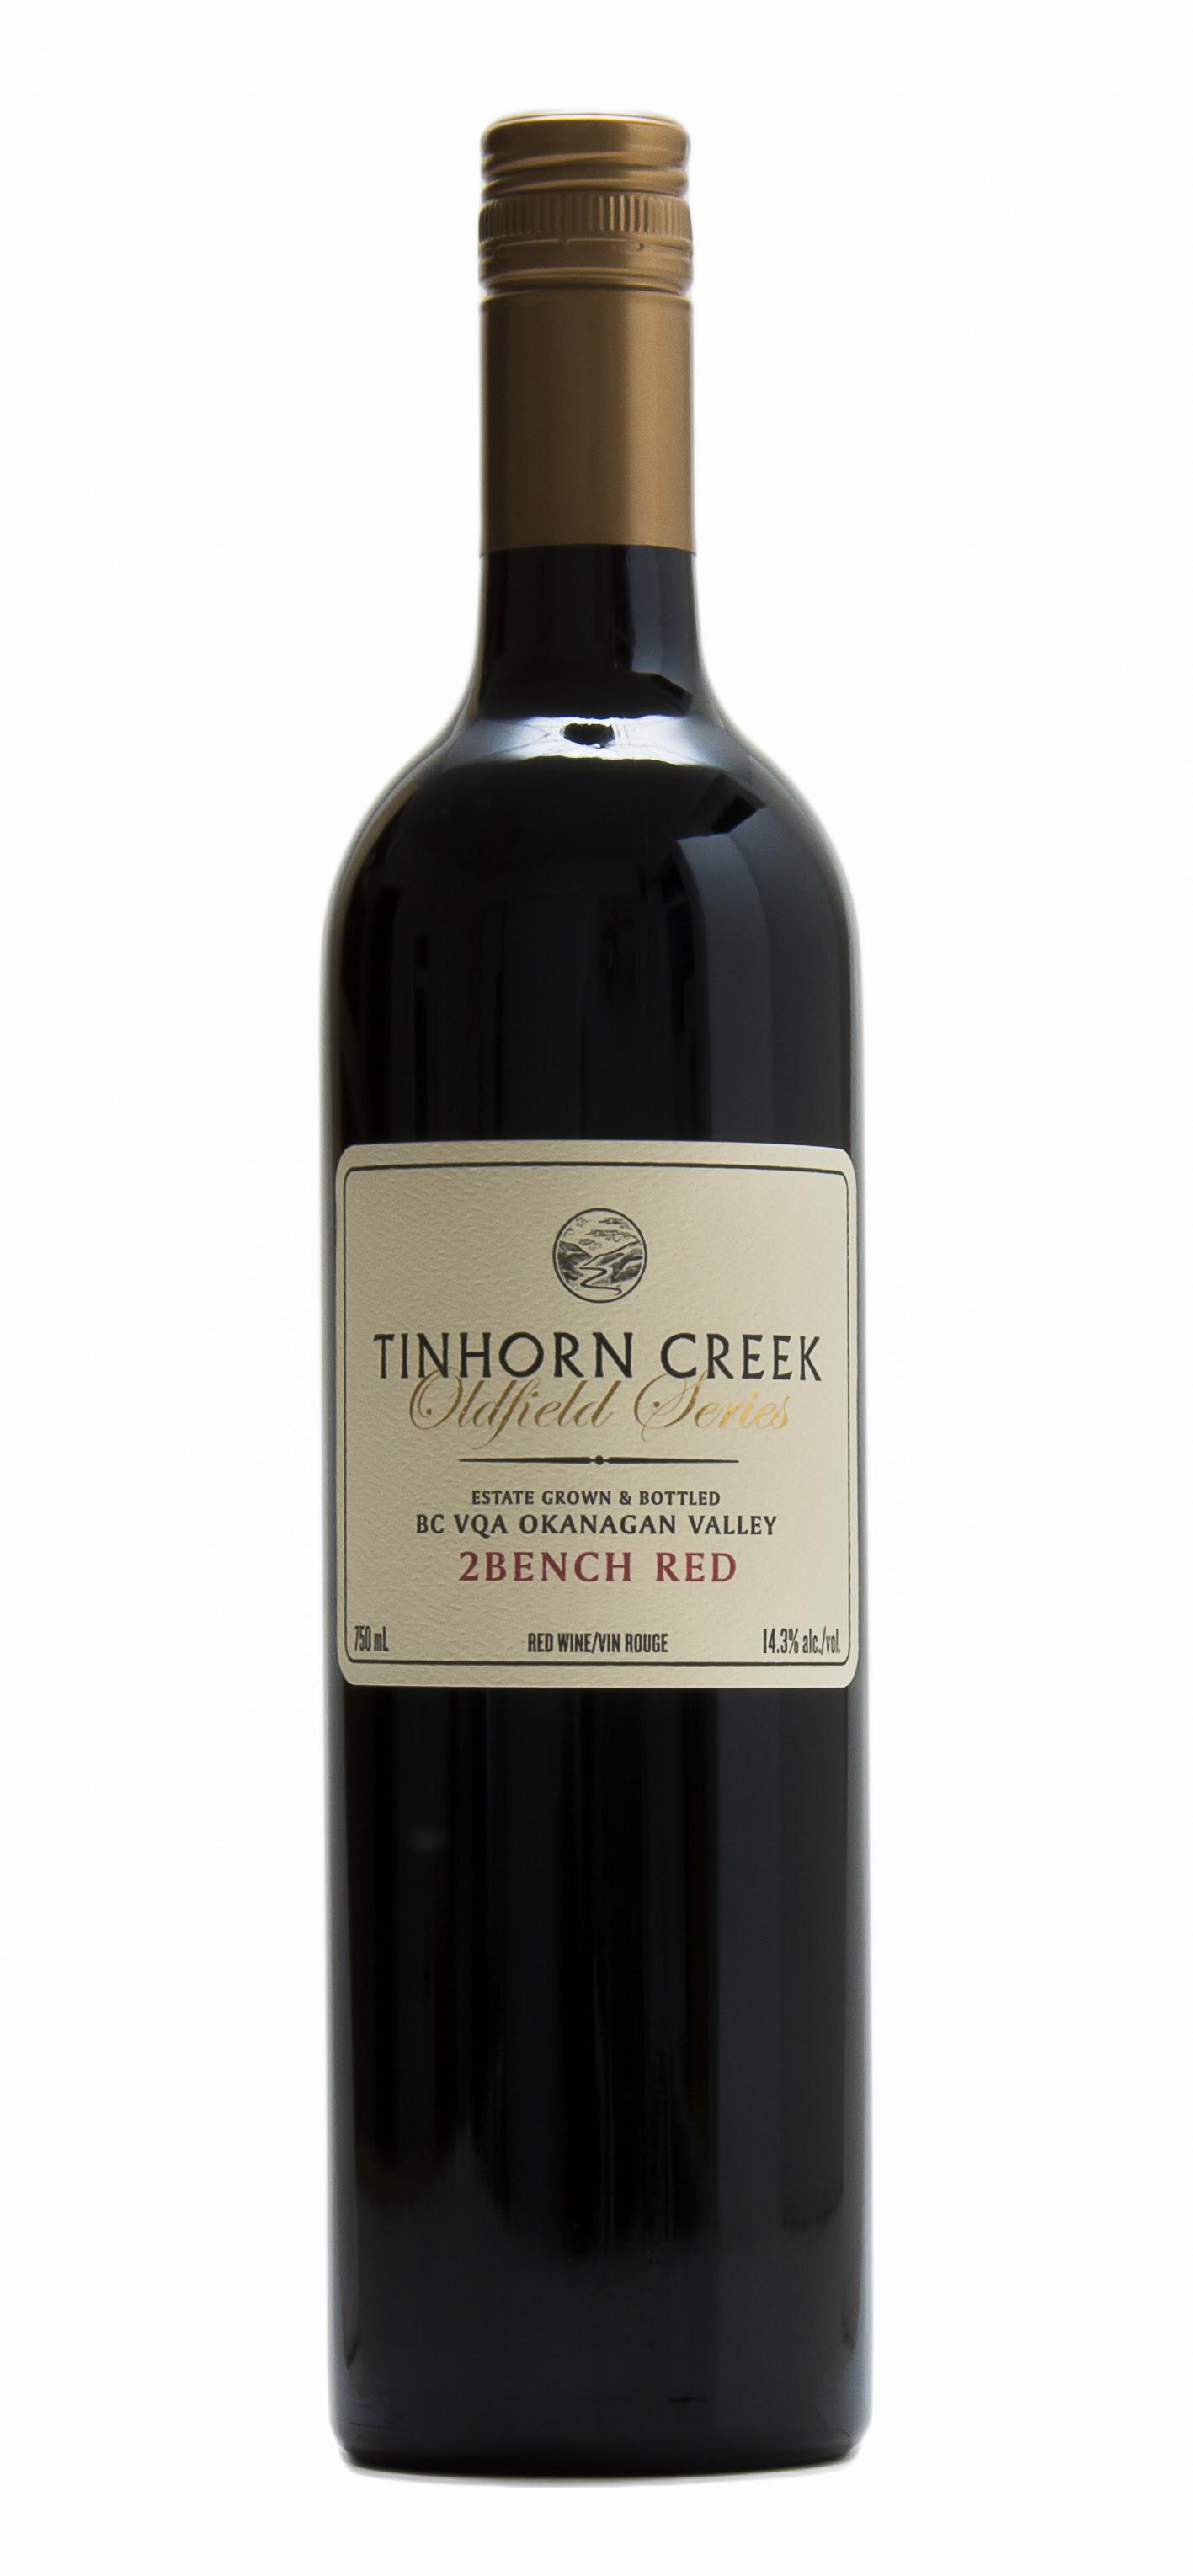 Tinhorn_Creek_OS_2Bench_Red_NV_OLD LABEL (1)